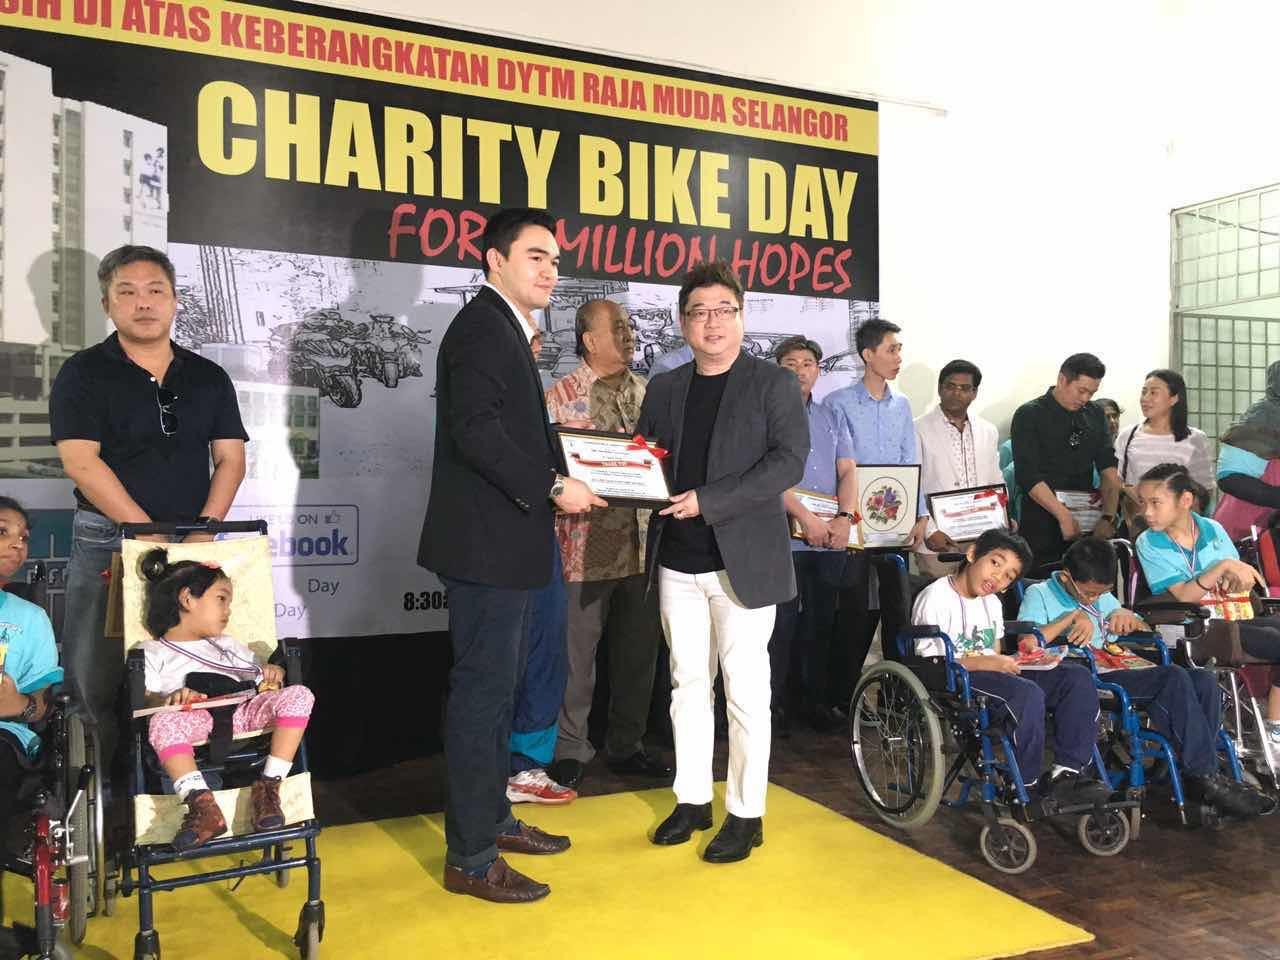 Charity Bike Day